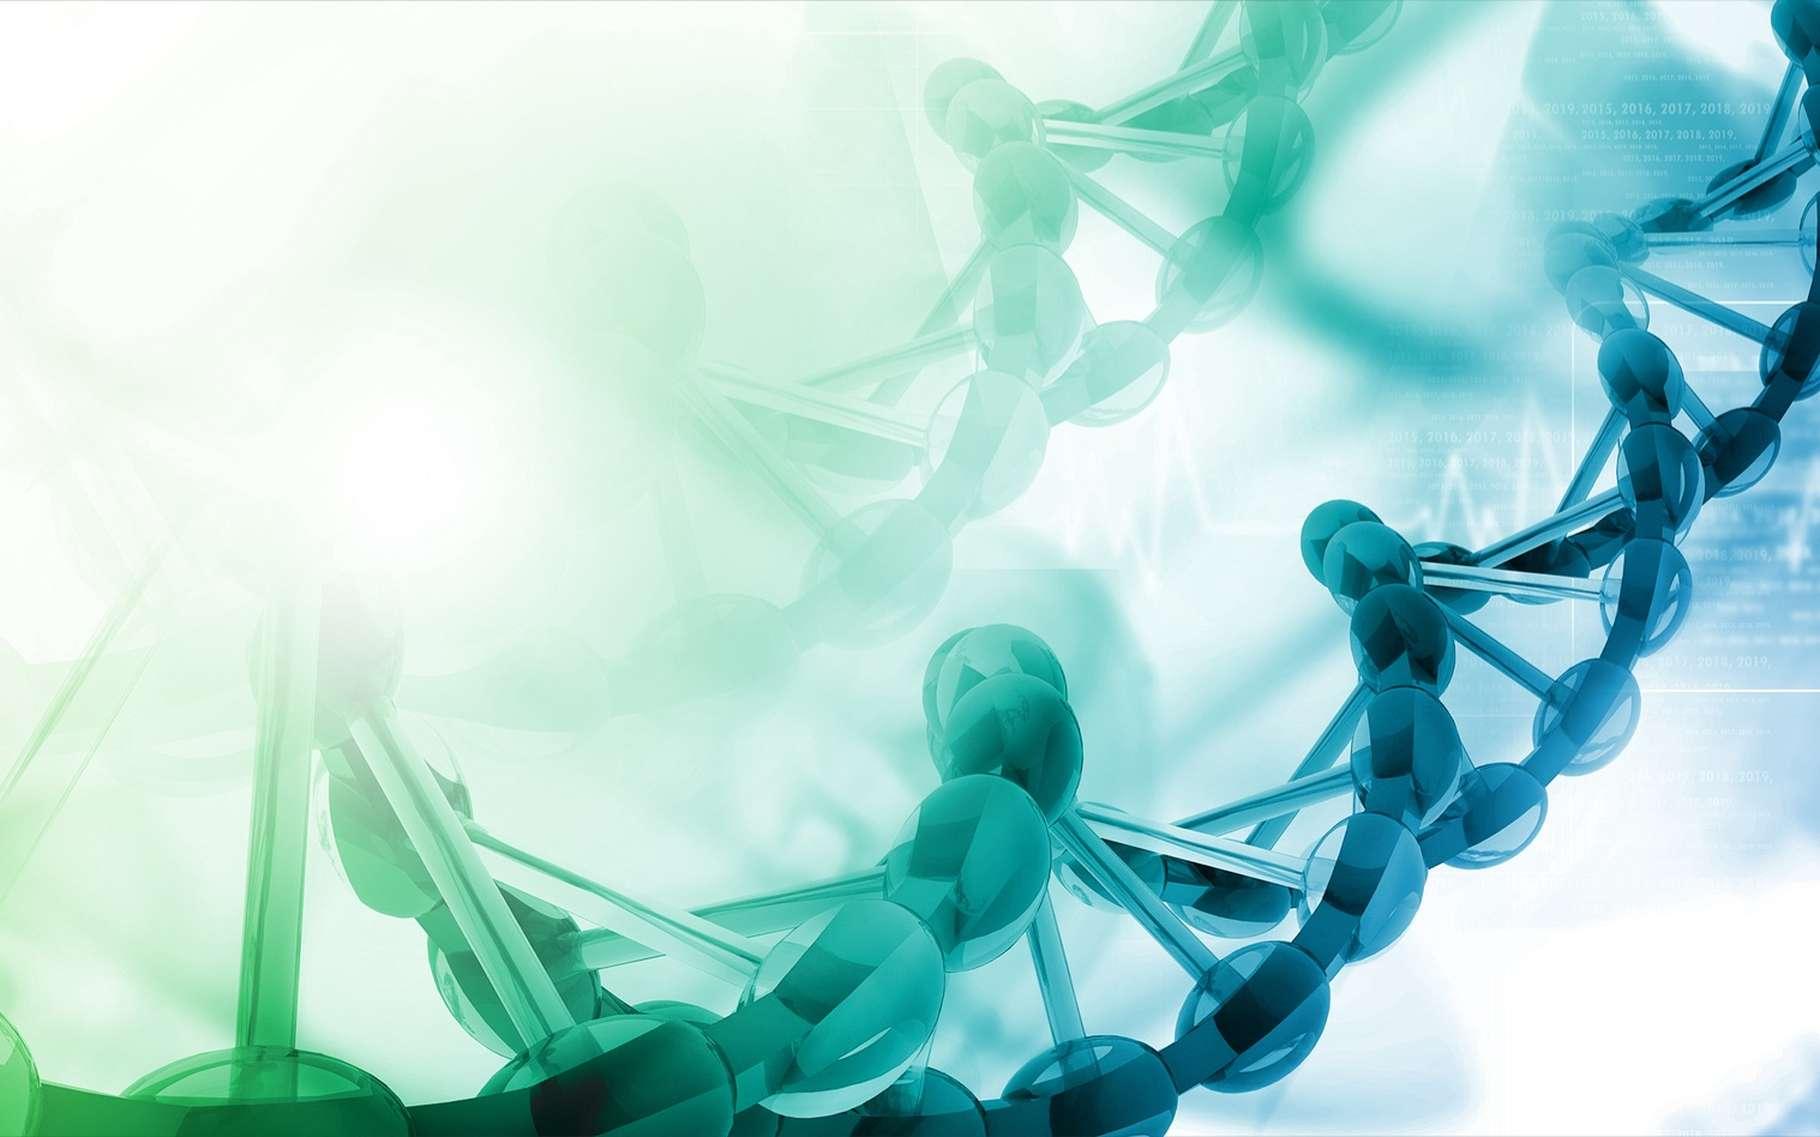 مركب عضوي طبيعي موجود في نوى خلايا النباتات والحيوانات - هل يجب أن تطعم كلبك حمية منخفضة البيورين؟ - ما هو مركب البيورين - حمض البول